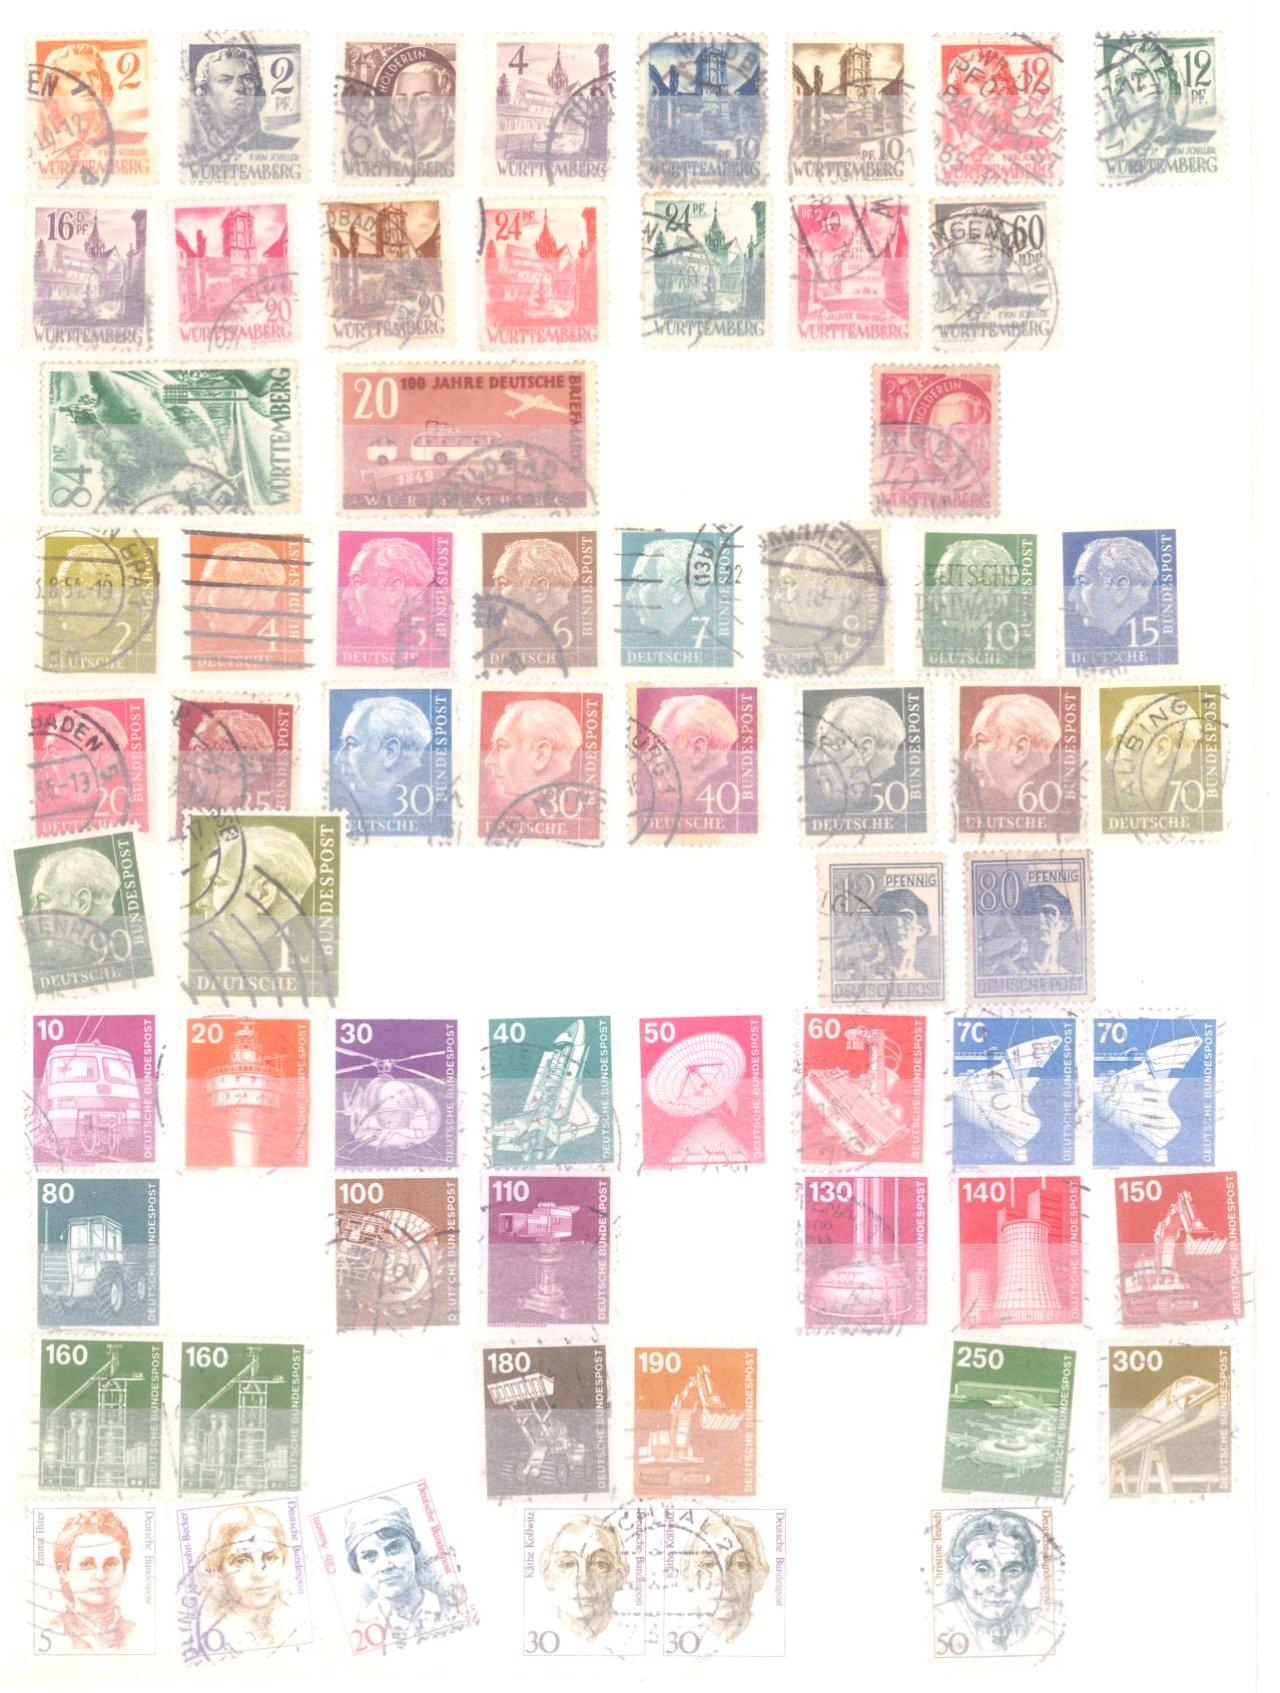 Kleine Sammlung Deutsches Reich, Bund, Alle Welt, DDR-6